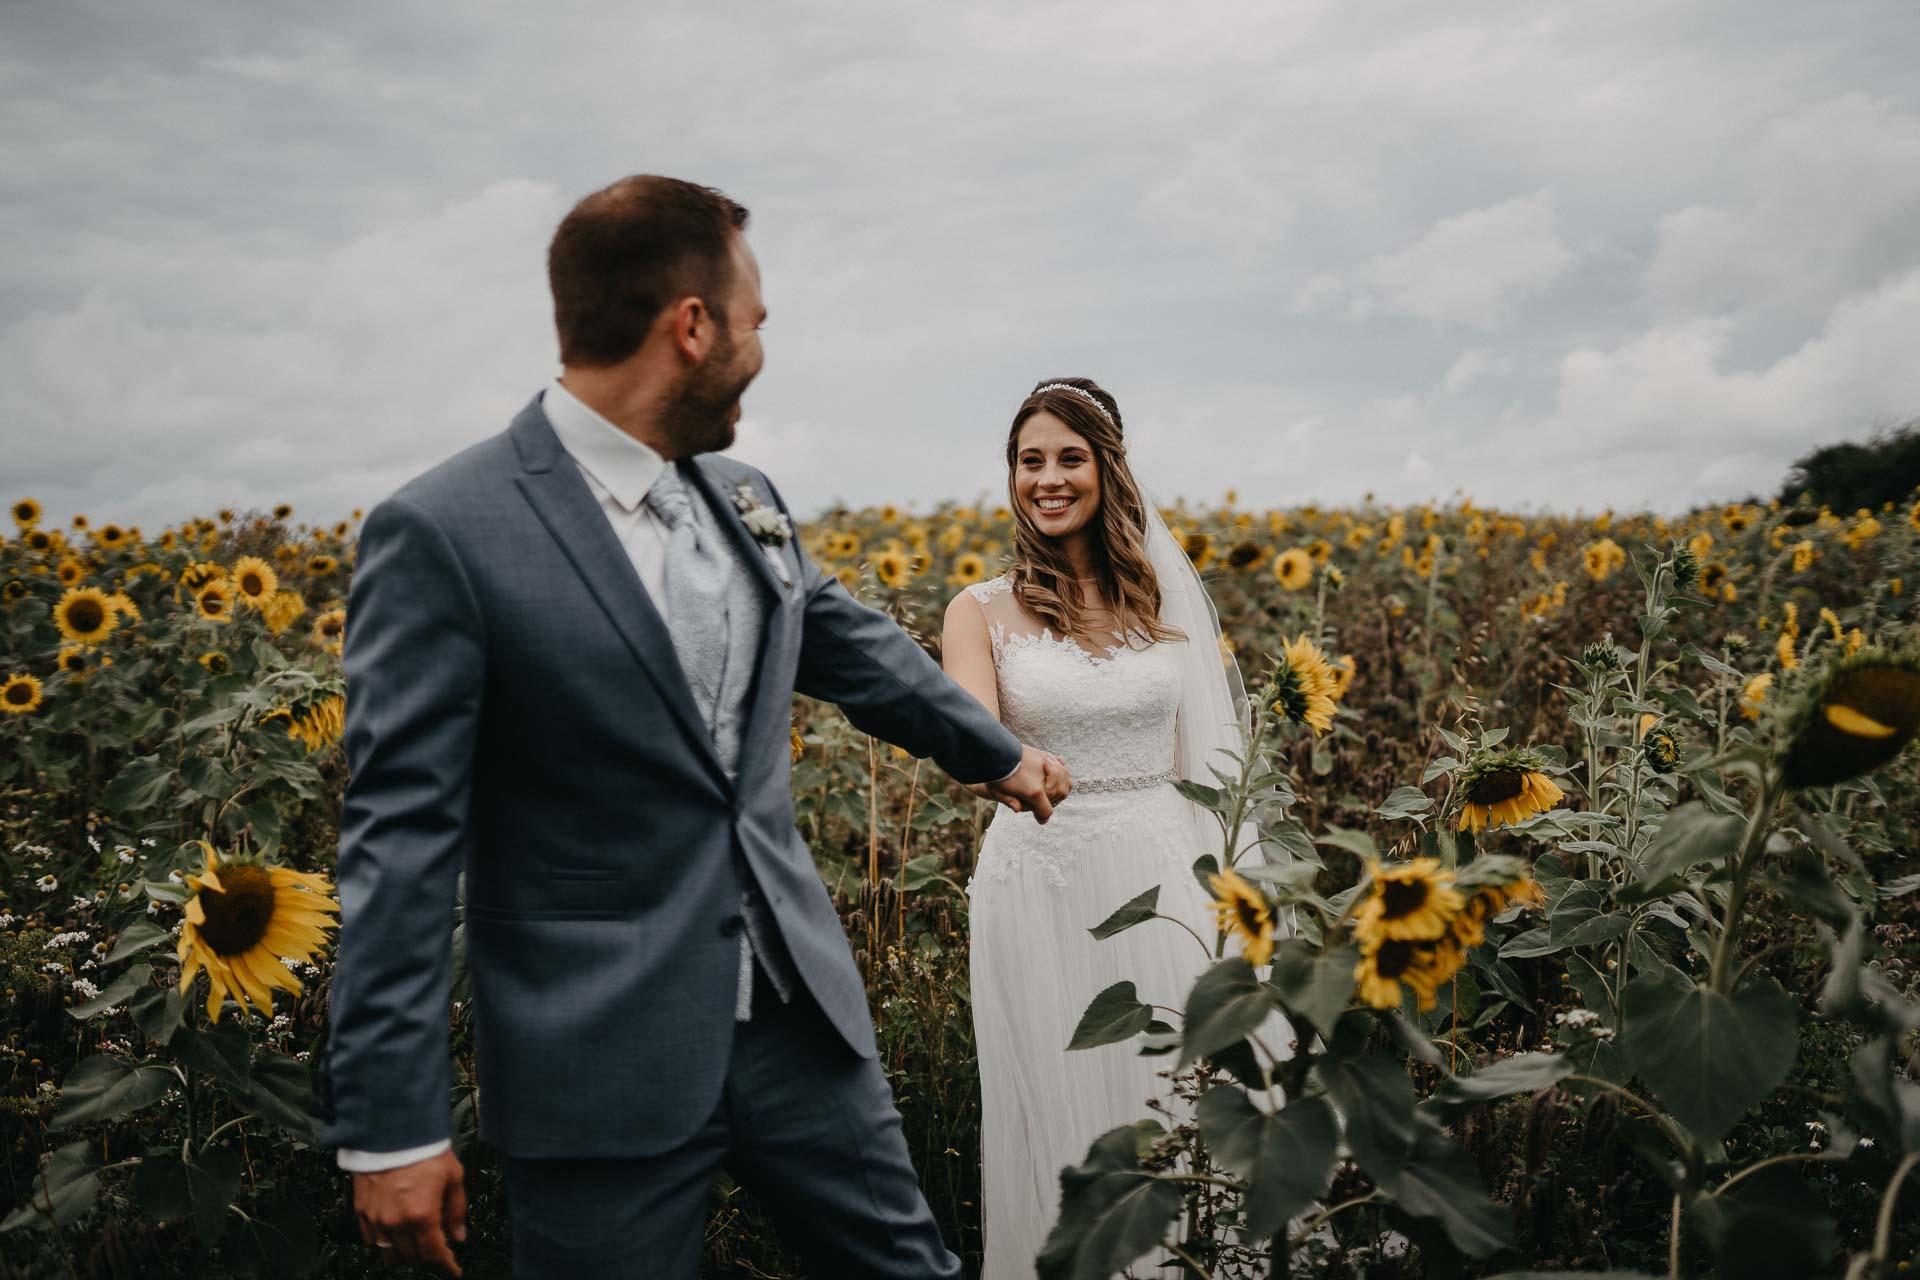 Der Bräutigam führt seine Braut durch ein Feld voller Sonnenblumen.